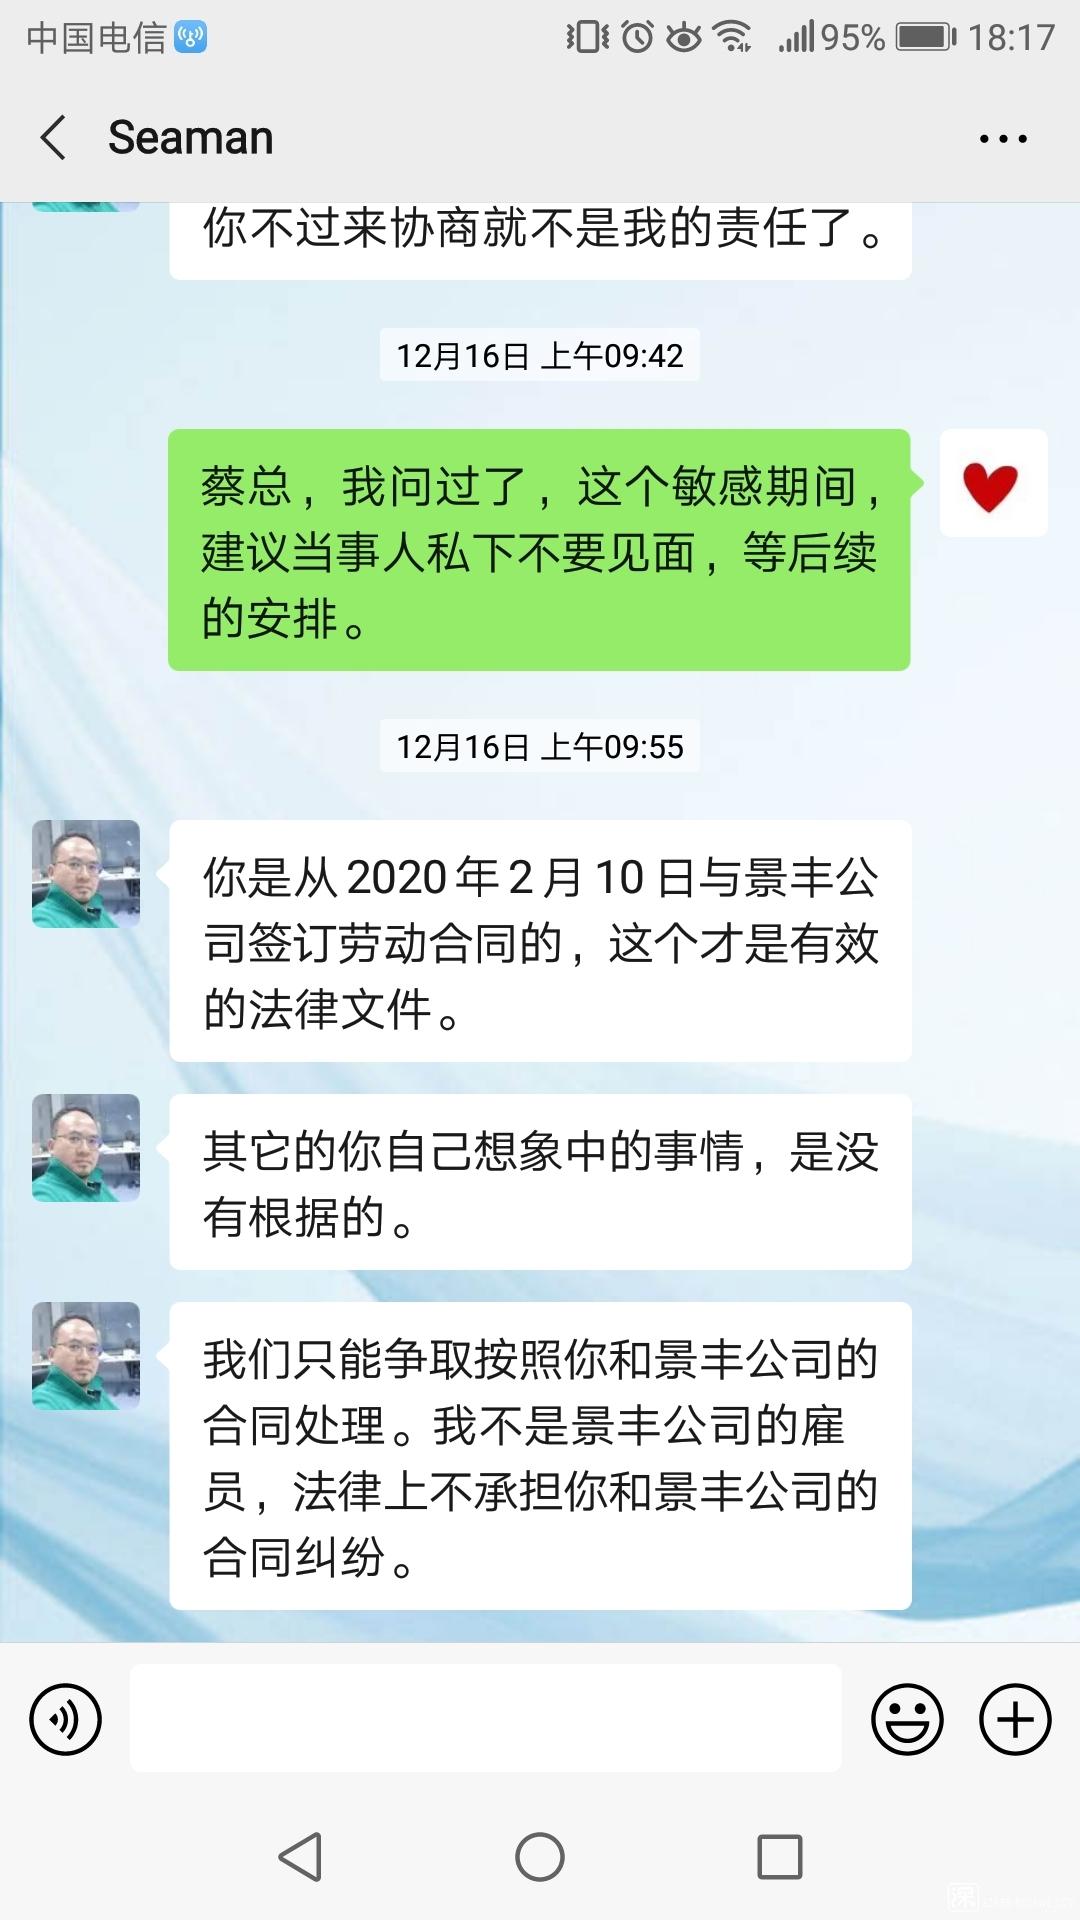 Screenshot_20201230-181709.jpg